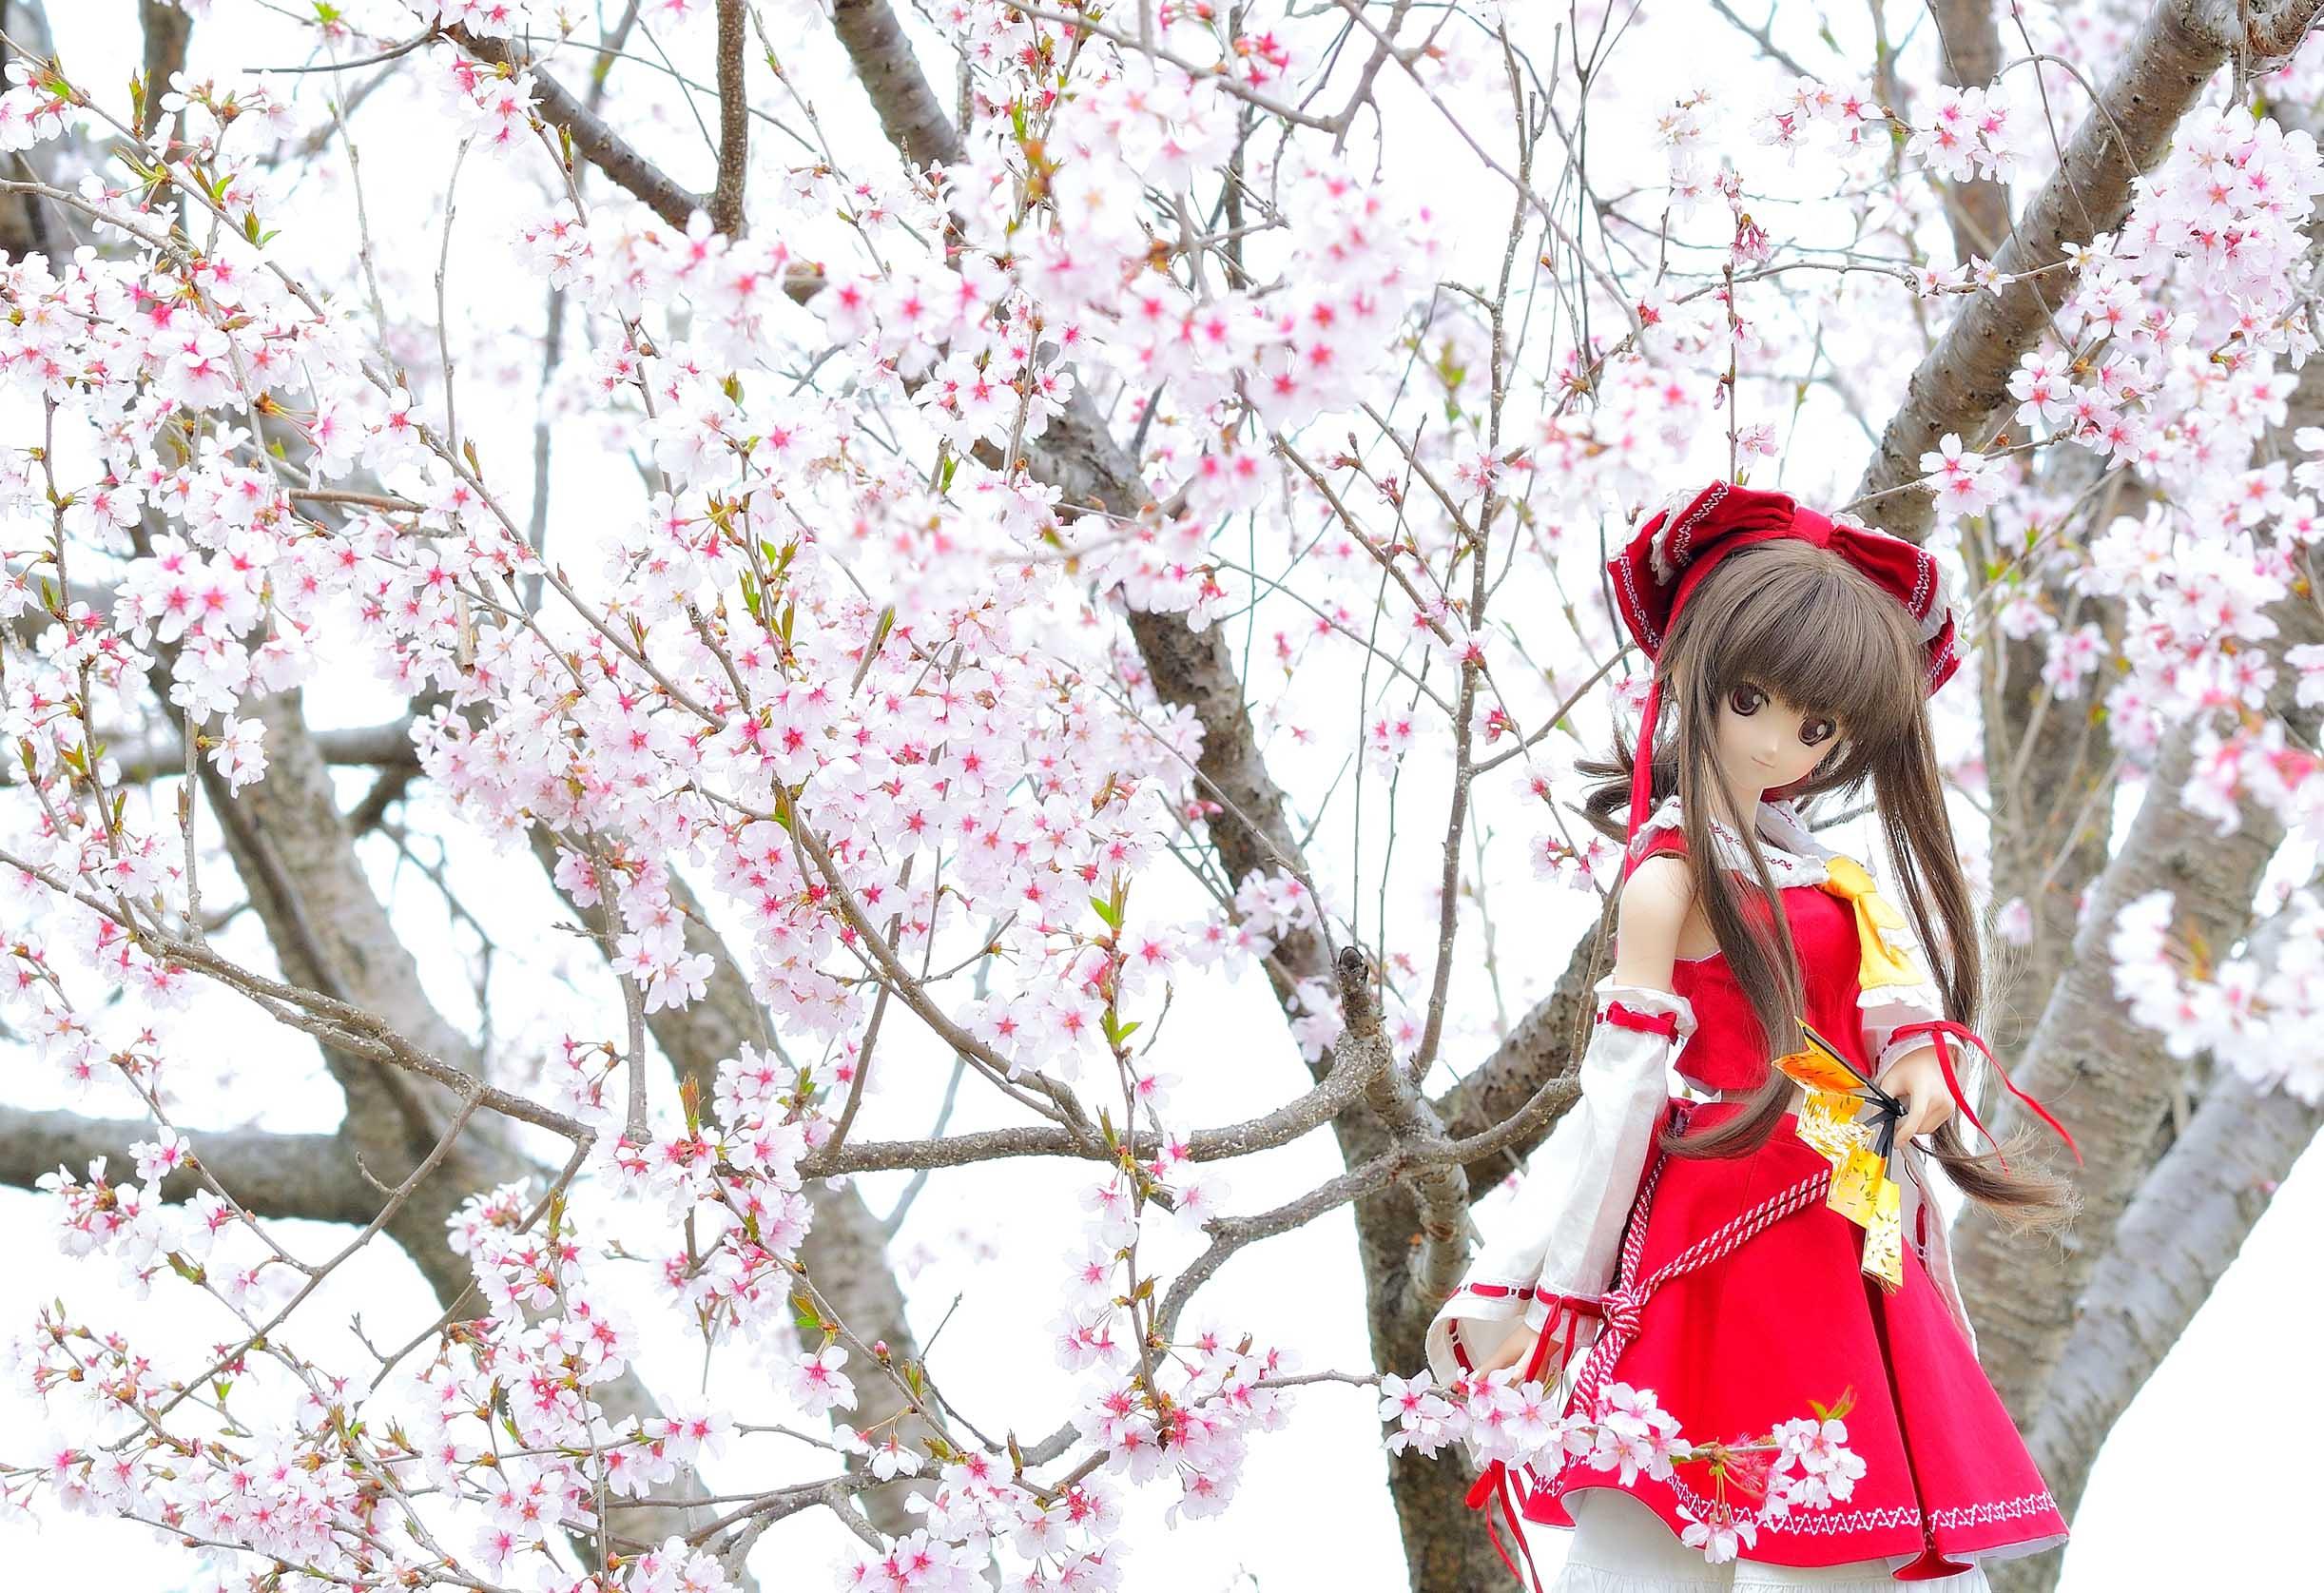 おしゃれ宇宙人blog 【ドール】 実家に植えた桜が満開です 【2015】